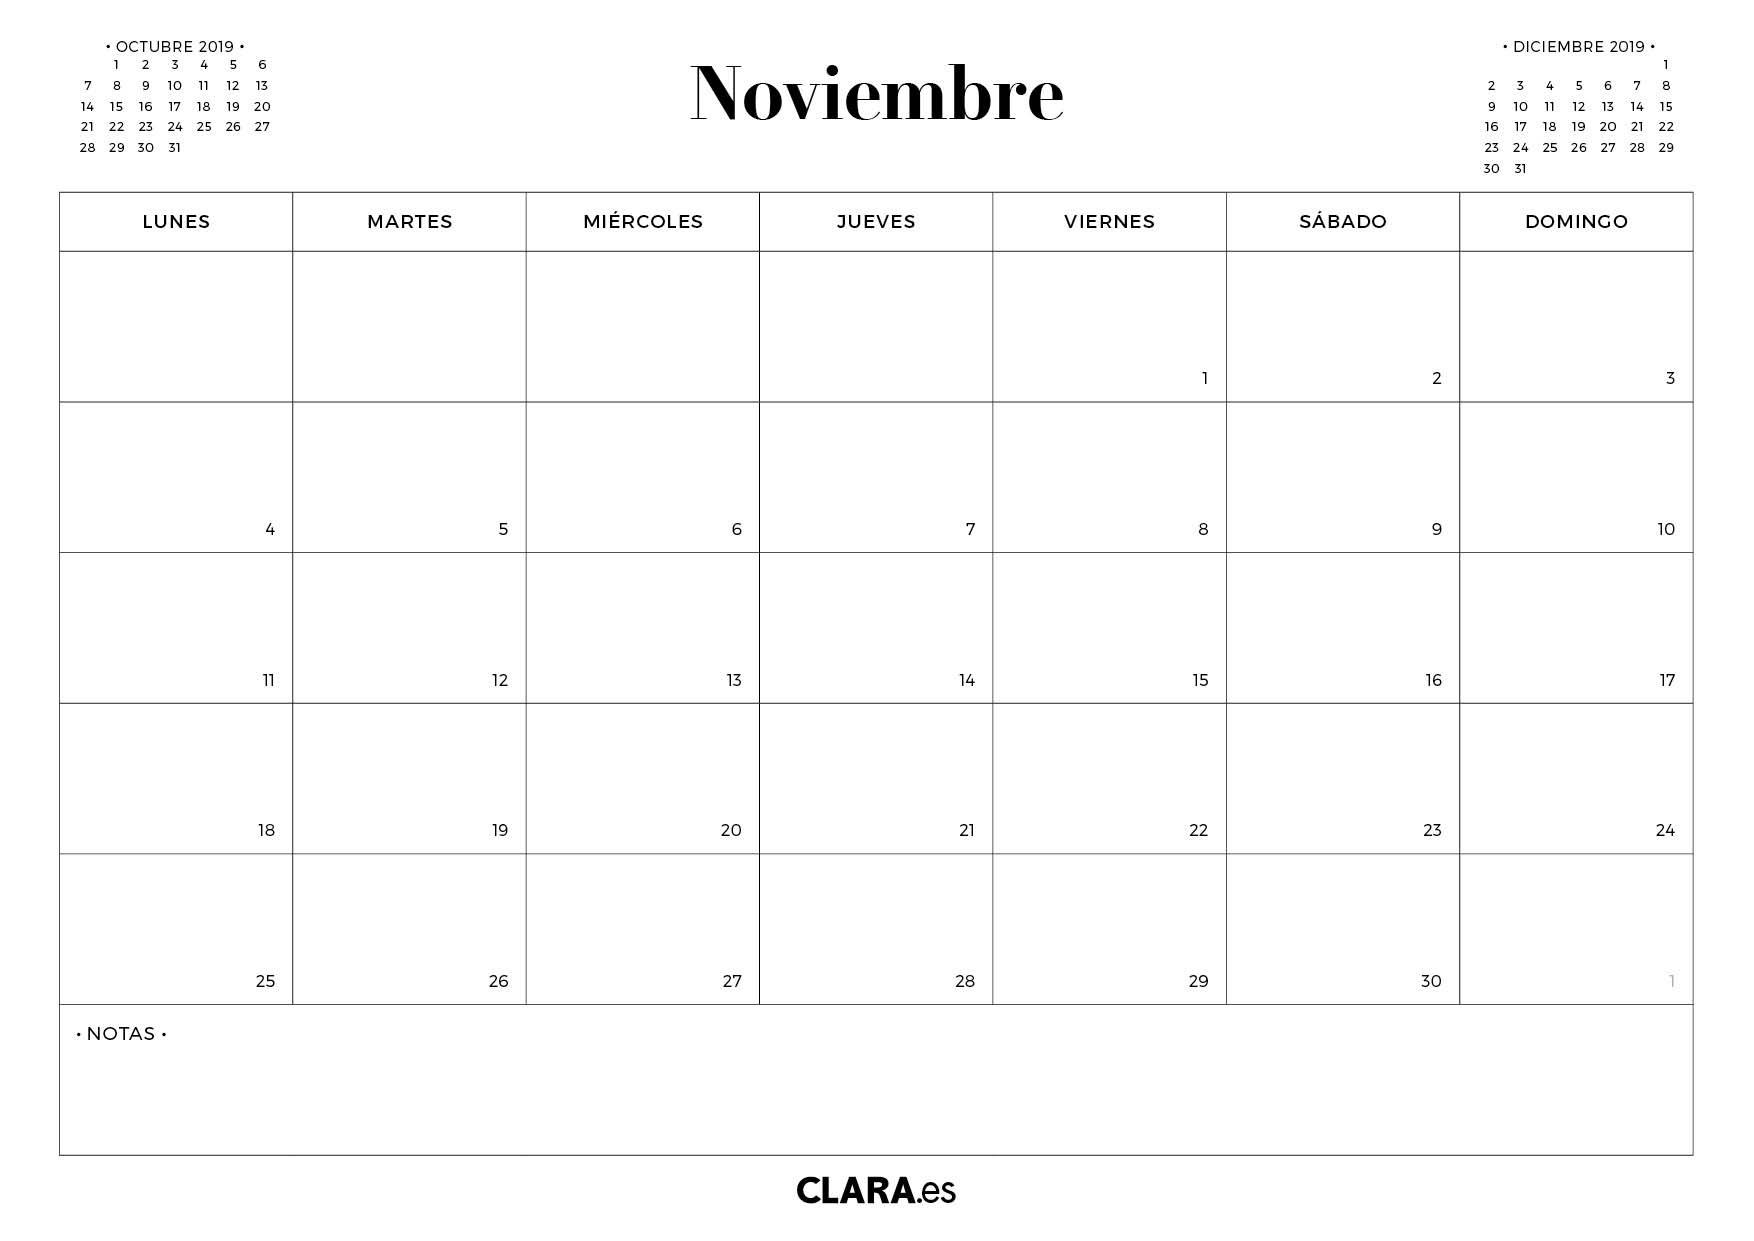 Si quieres ver el resto de meses ve al calendario busca el que te interese